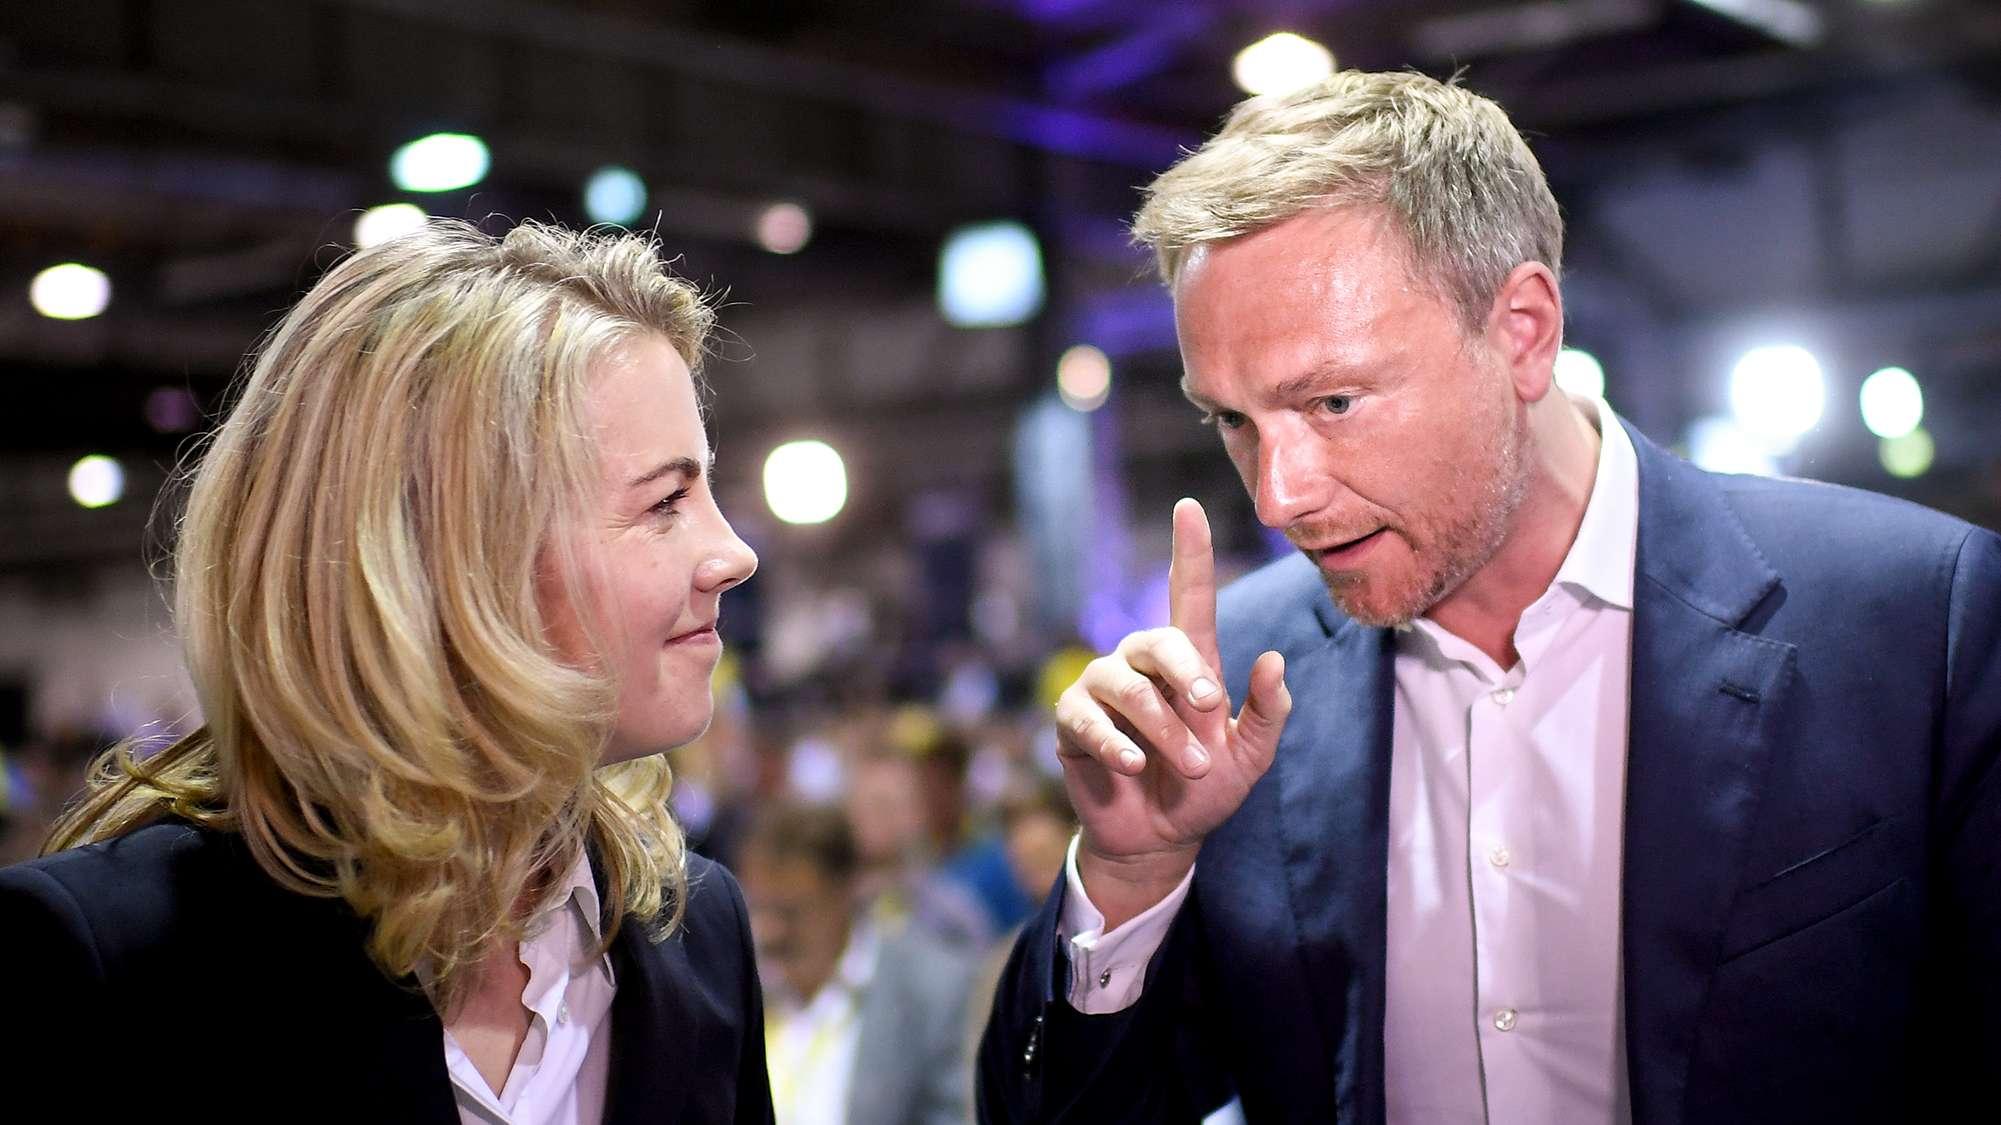 Die neue FDP-Generalsekretärin, Linda Teuteberg, und FDP-Parteichef Christian Lindner auf dem Parteitag in Berlin